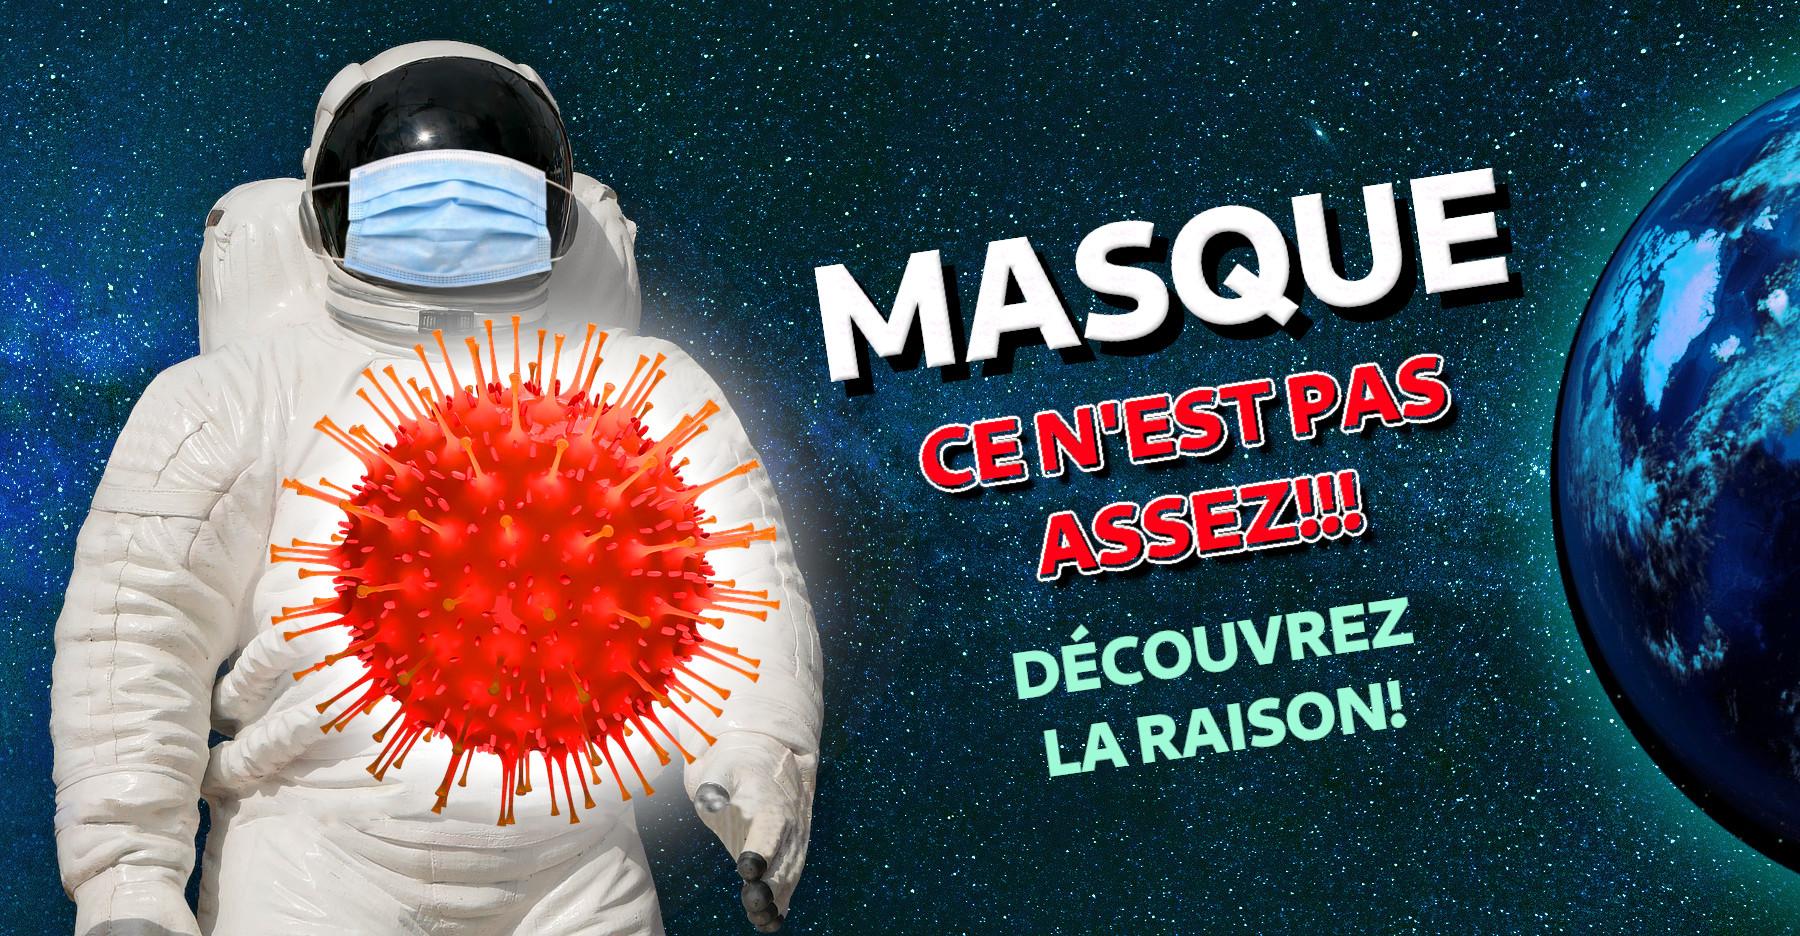 Le Masque Sans Raison ou la raisons sans masque!?